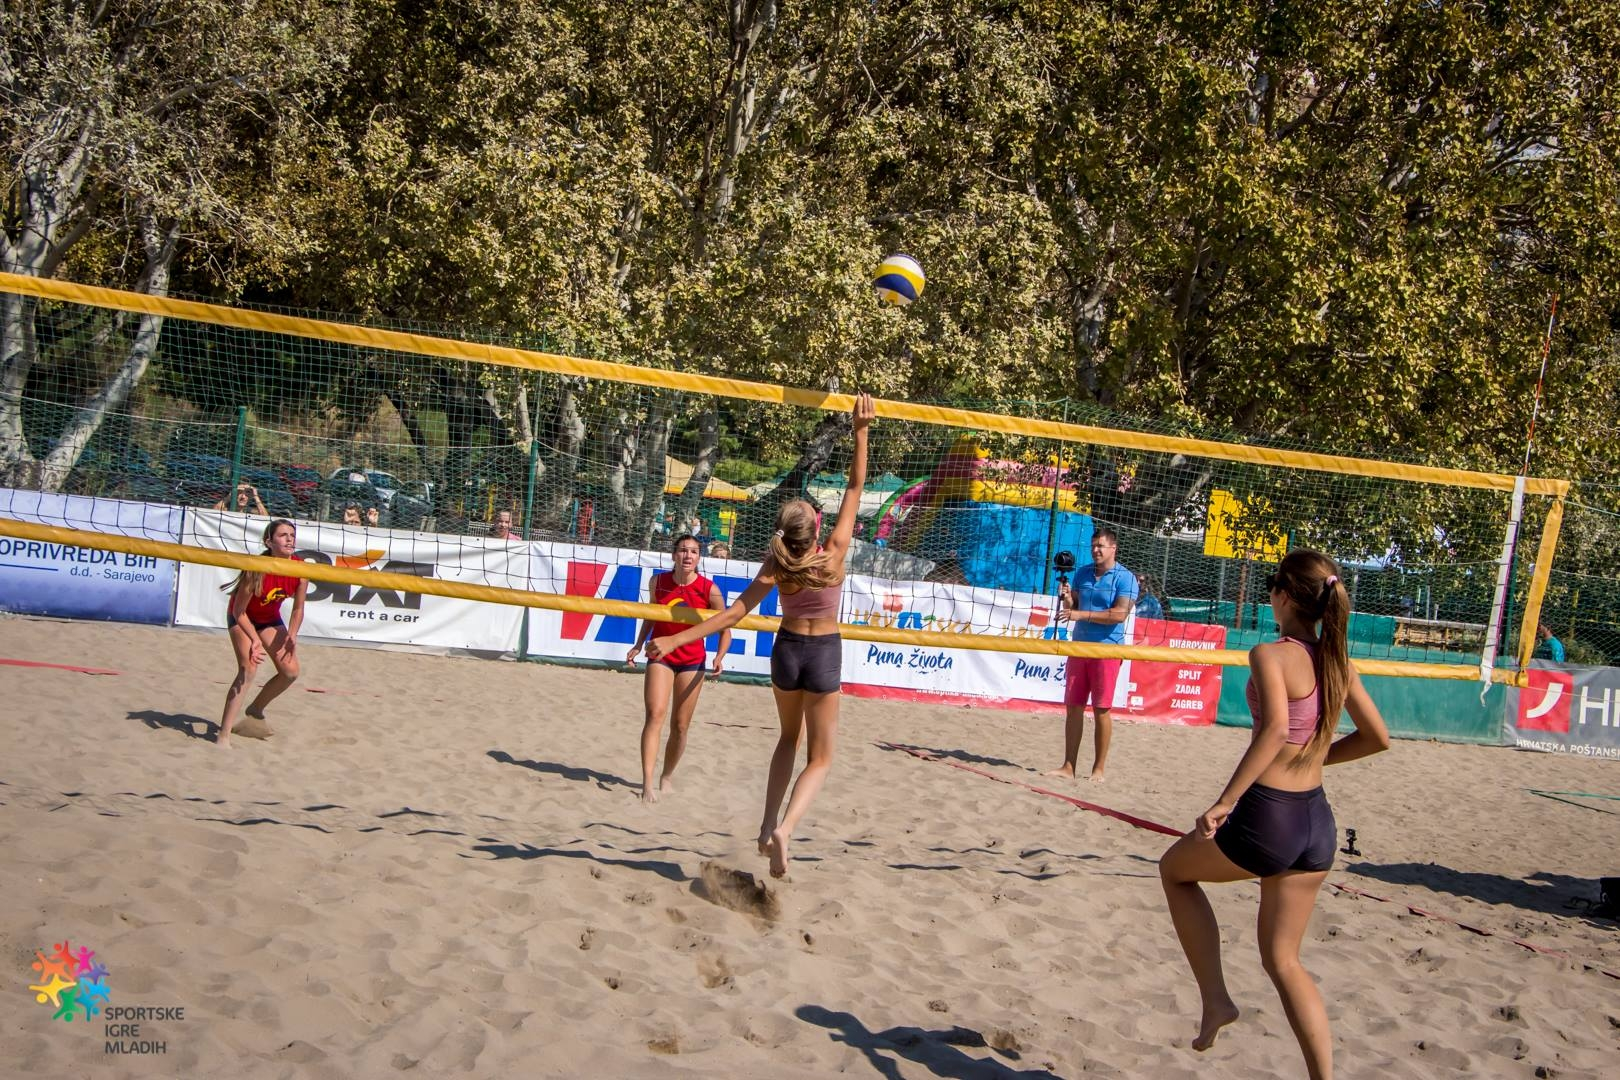 <p>Na Velikom međunarodnom finalu Sportskih igara mladih u Splitu igračice OK Čepina, Lara Matusina i Petra Dugandžić, predstavljale su Hrvatsku i osvojile drugo mjesto i srebrnu medalju. Bolje od njih bile su jedino igračice Nove Varoši iz Srbije.</p>